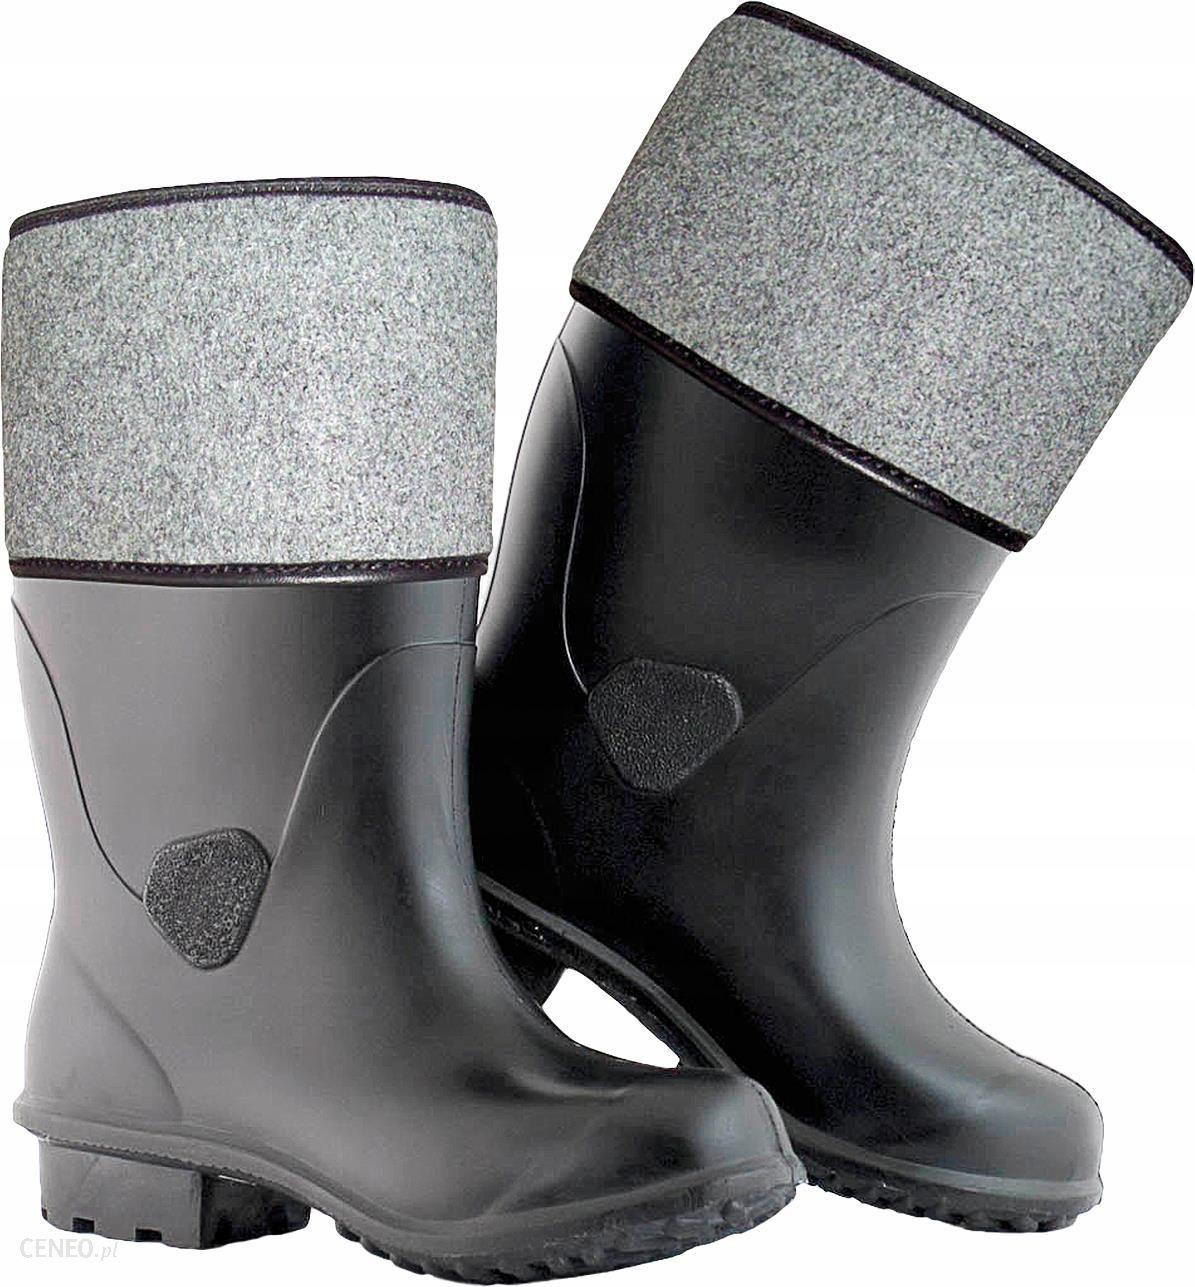 2c3b3a20de3b6 Gumofilce buty filcowe guma Stomil czarne 39-46 - Ceny i opinie ...